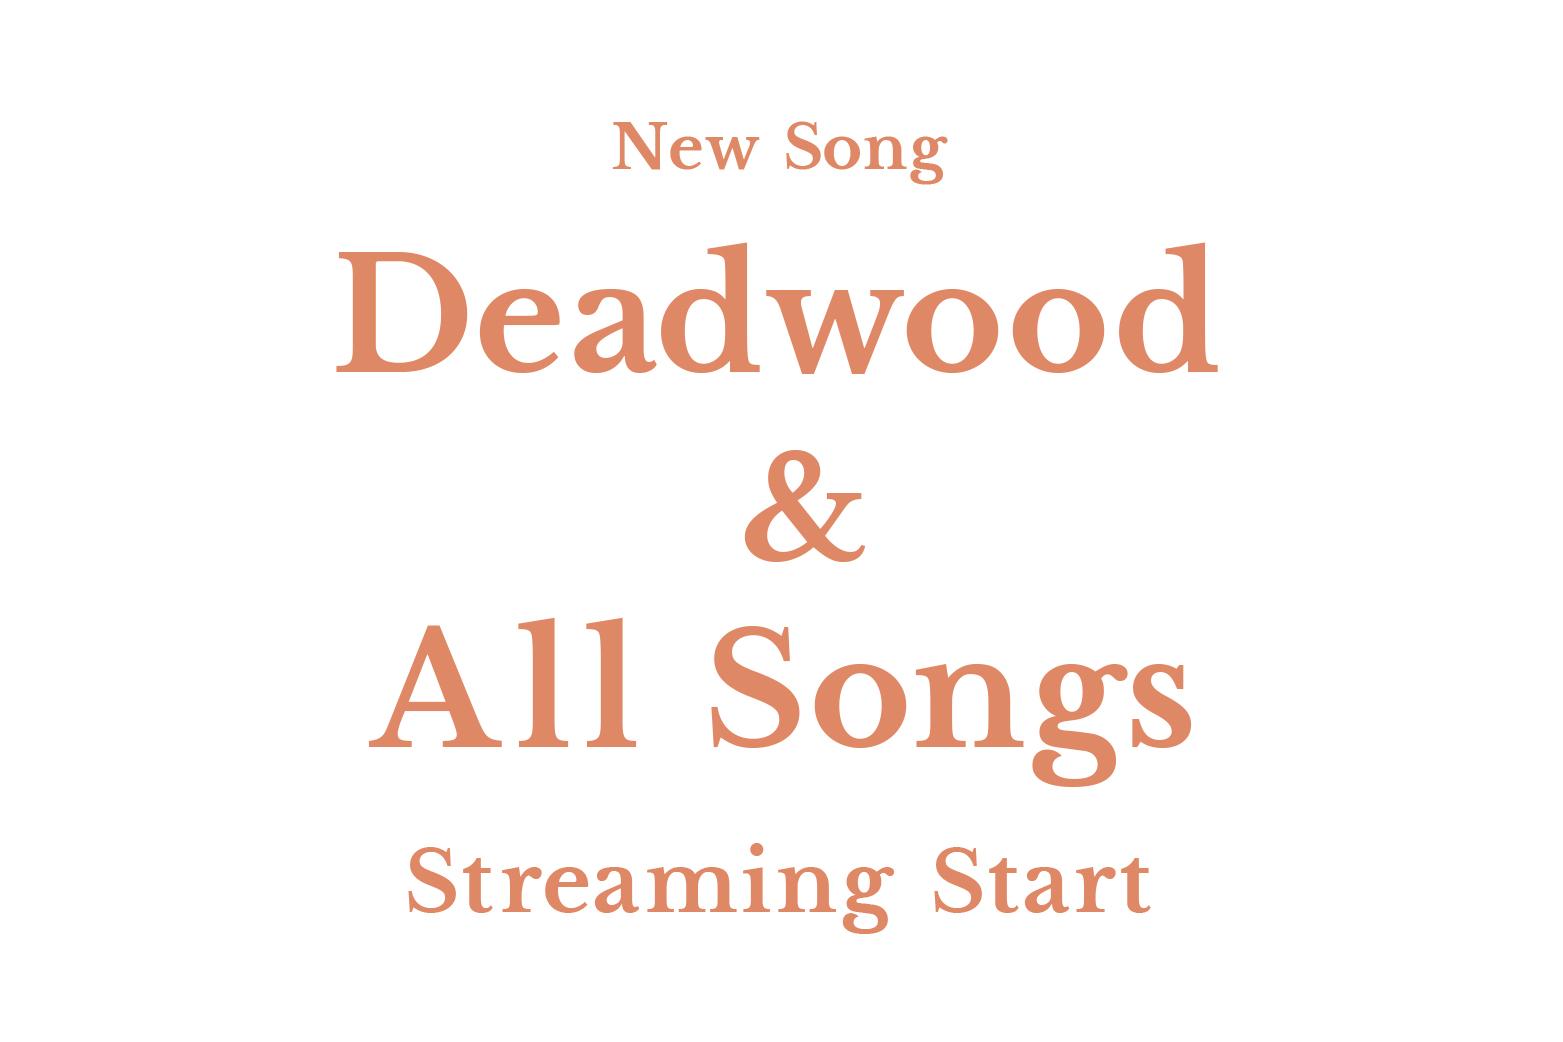 新曲「Deadwood」配信リリース&全曲サブスク解禁!